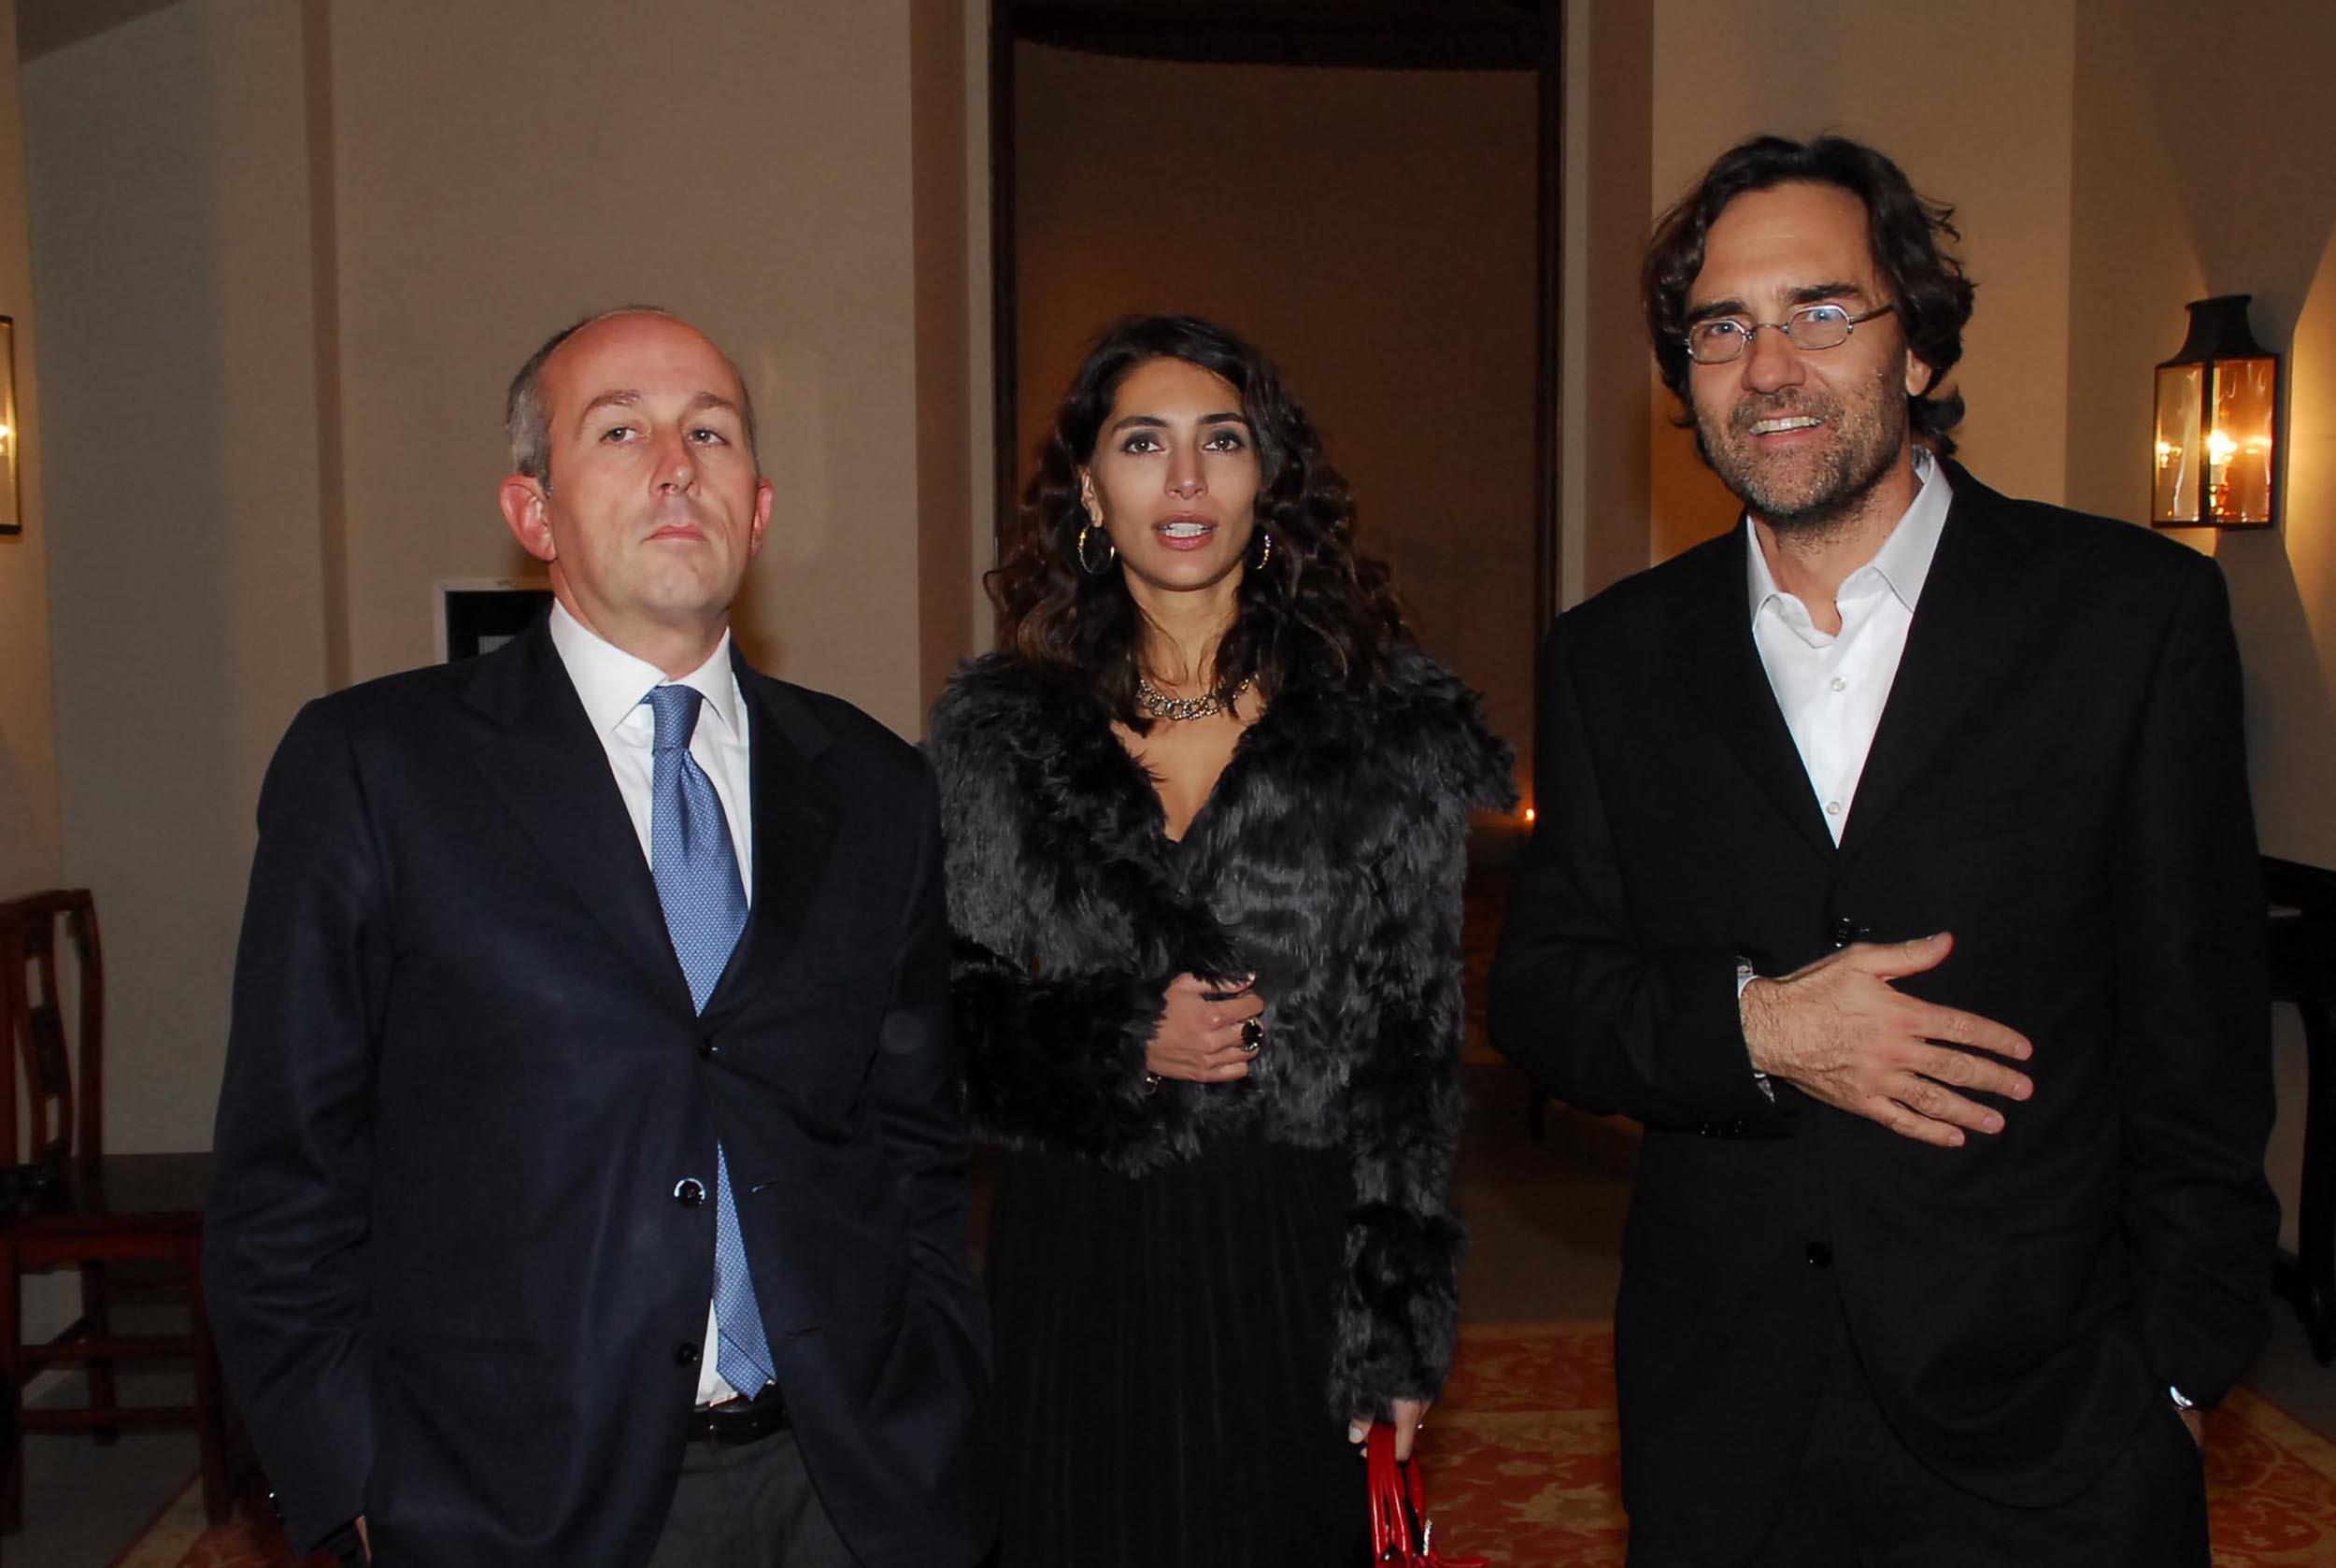 PRESSPHOTO Firenze, Cinema Odeon, Renzi assegna il Fiorino d'oro a Charles Aznavour, segue cena di gala a Palazzo Tornabuoni. In foto al centro Caterina Murino